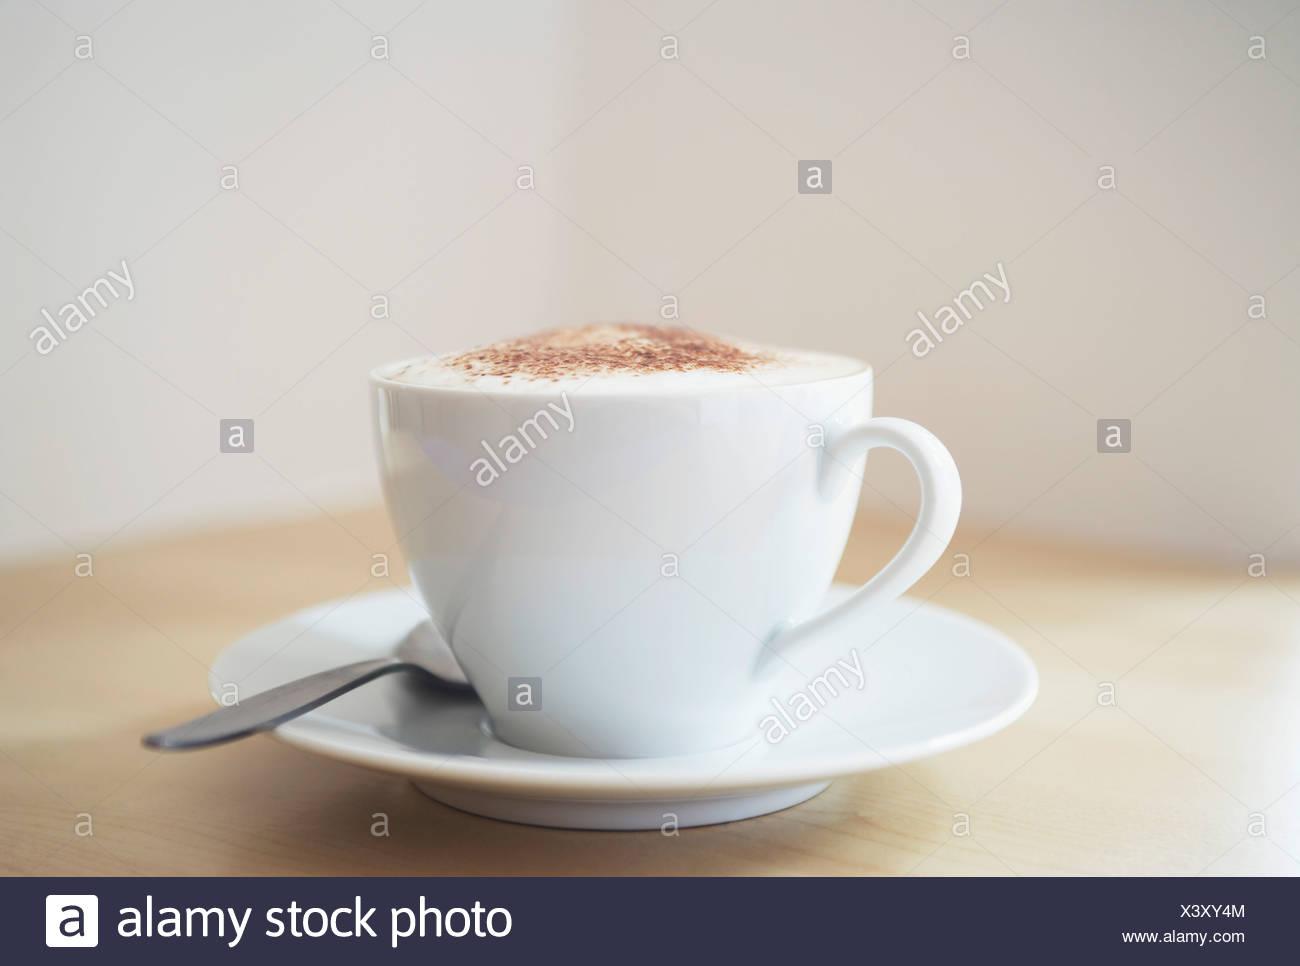 White tazza di cappuccino sul tavolo di legno, close-up Immagini Stock